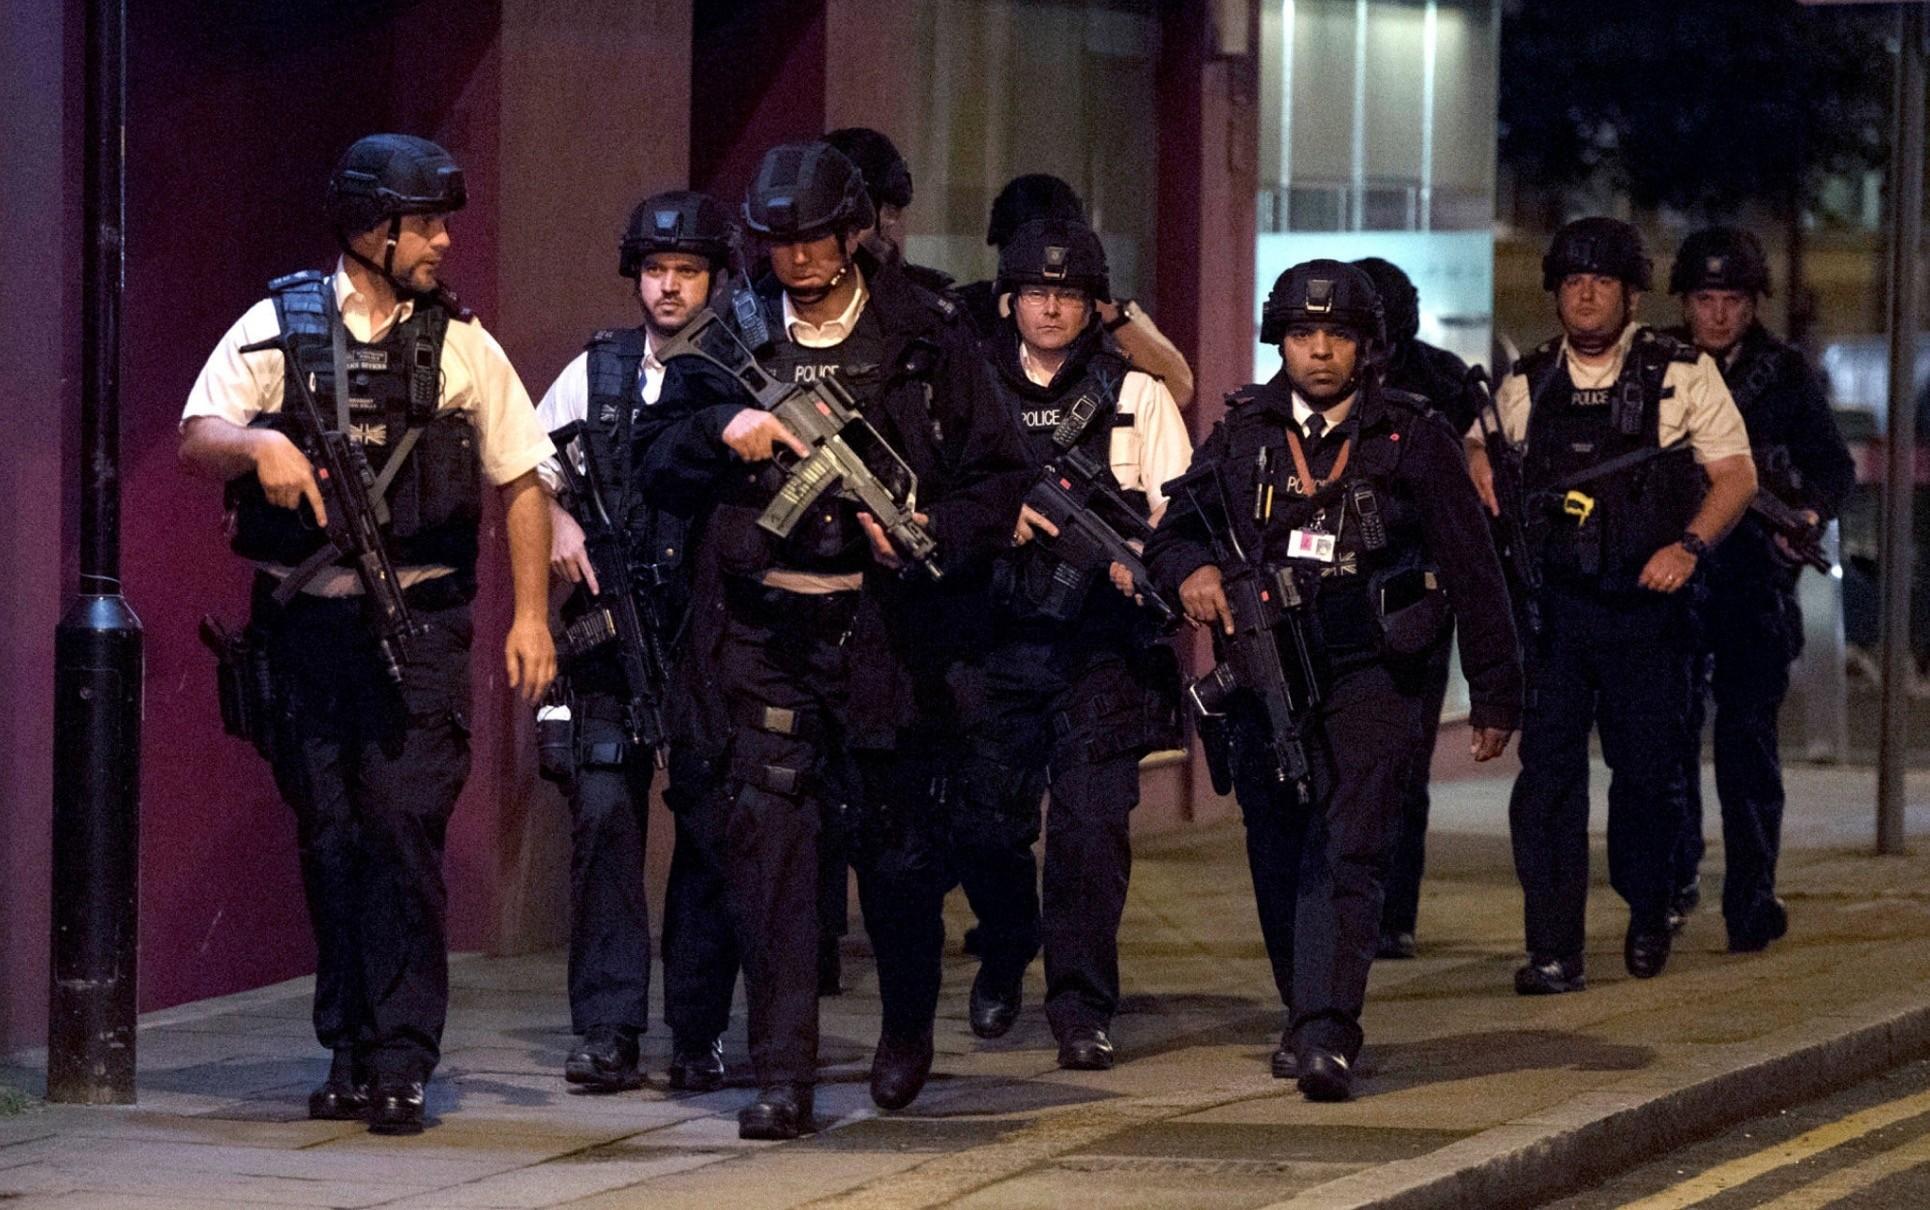 Armed Metropolitan Police Officers in the vicinity of London Bridge, June 3